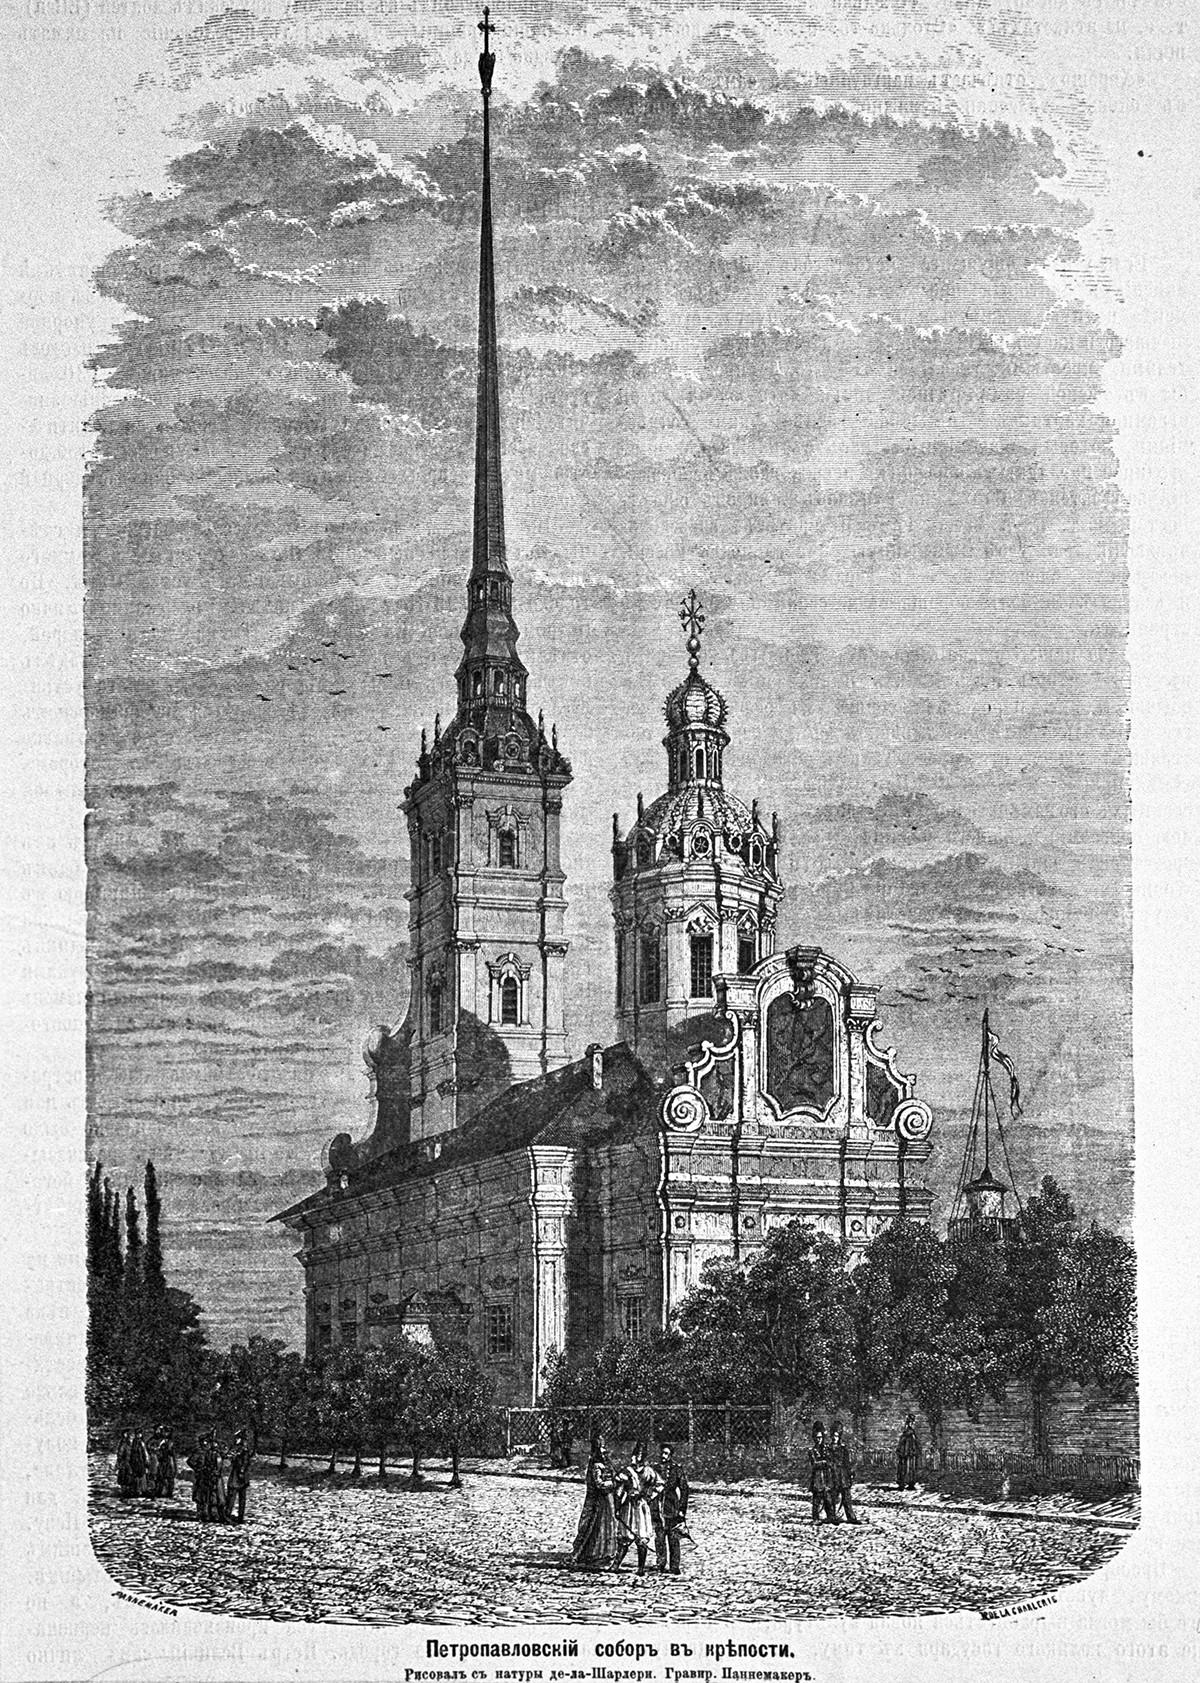 La Cattedrale di Pietro e Paolo, nella fortezza di Pietro e Paolo, necropoli degli imperatori russi. Incisione del XIX secolo